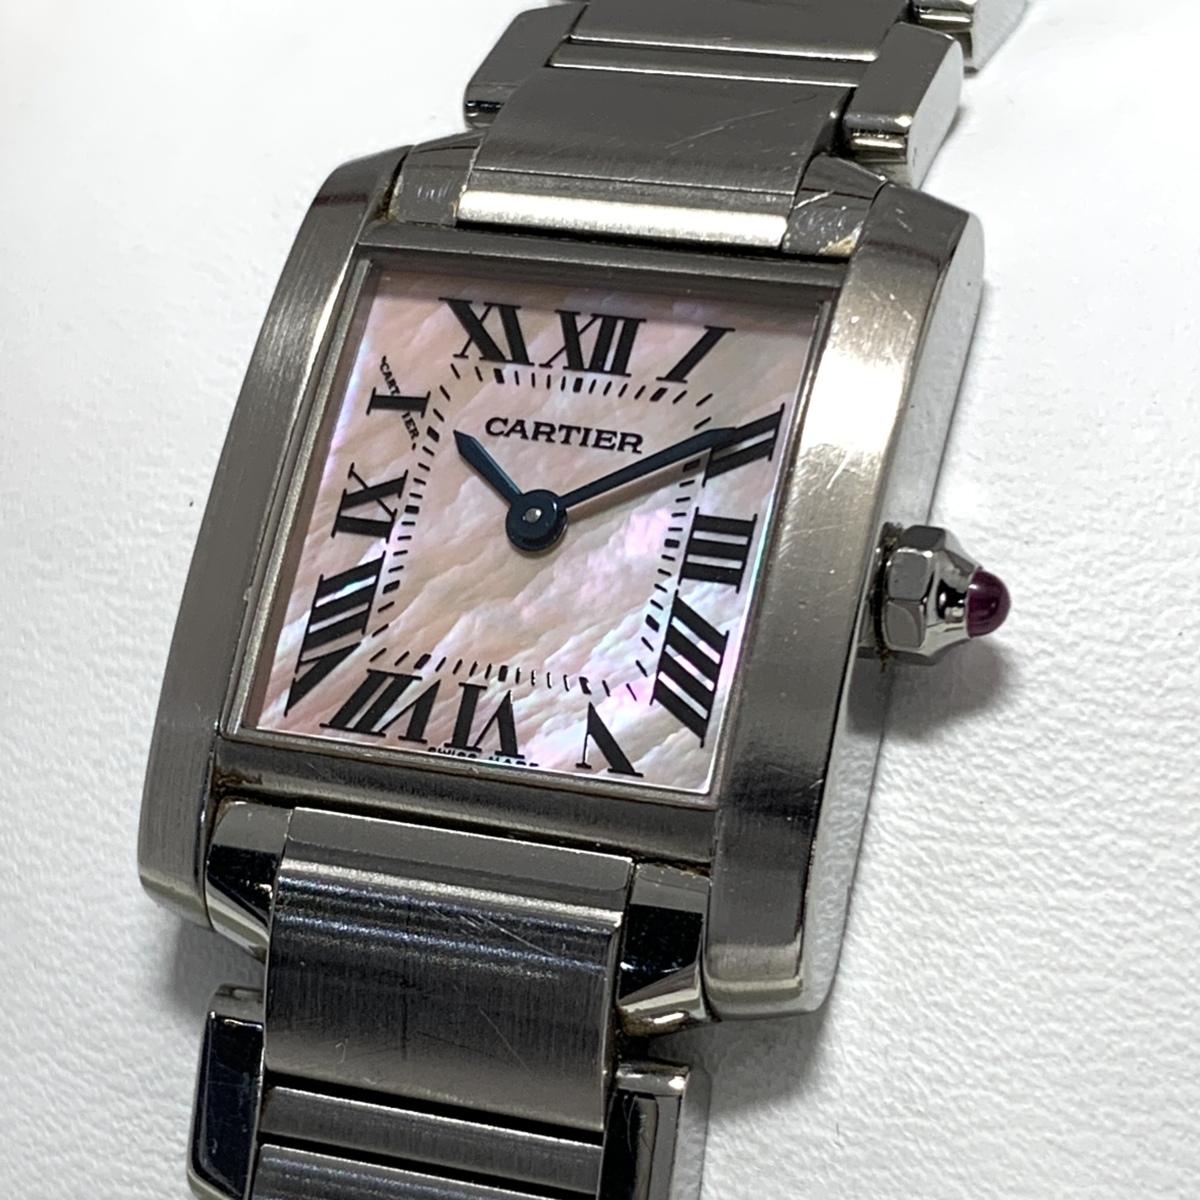 ☆1円~ カルティエ Cartier タンクフランセーズ ピンクシェル文字盤 W51028Q3 レディース クオーツ 保証書 腕時計 CD27186254